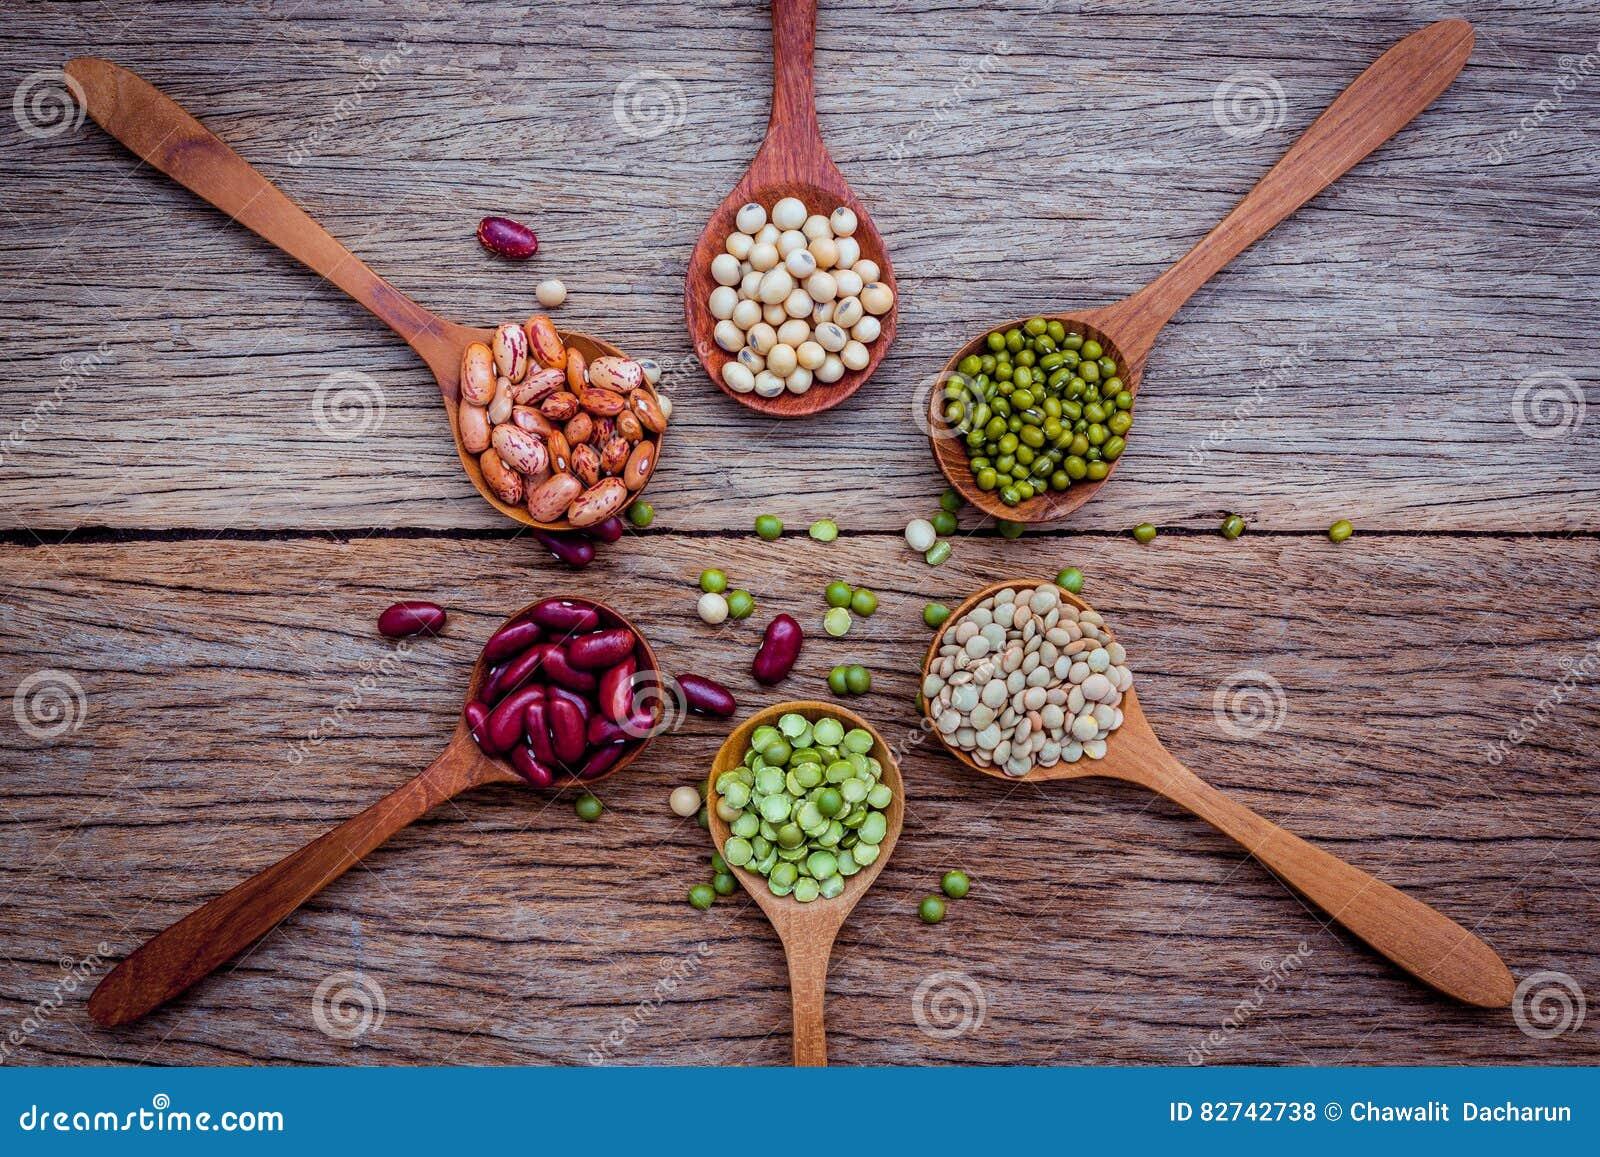 Ciérrese para arriba de diversas habas en las cucharas de madera puestas en fondo de madera